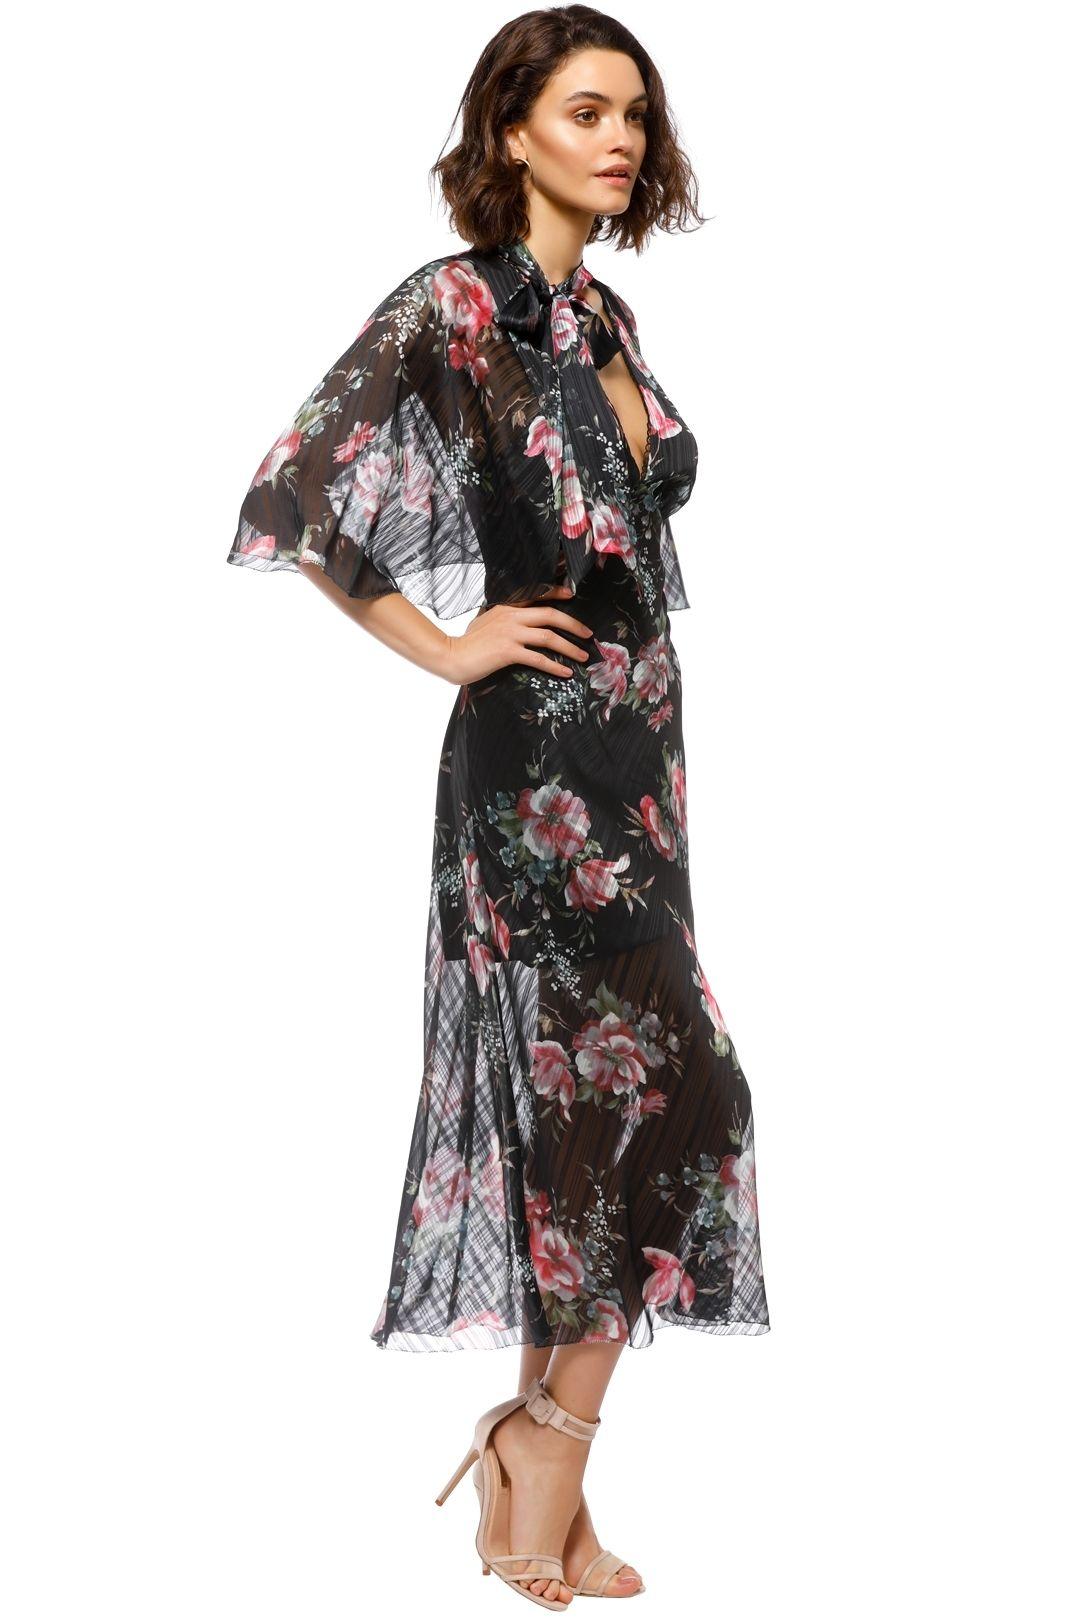 Talulah - Belonging Midi Dress - Black Floral - Side